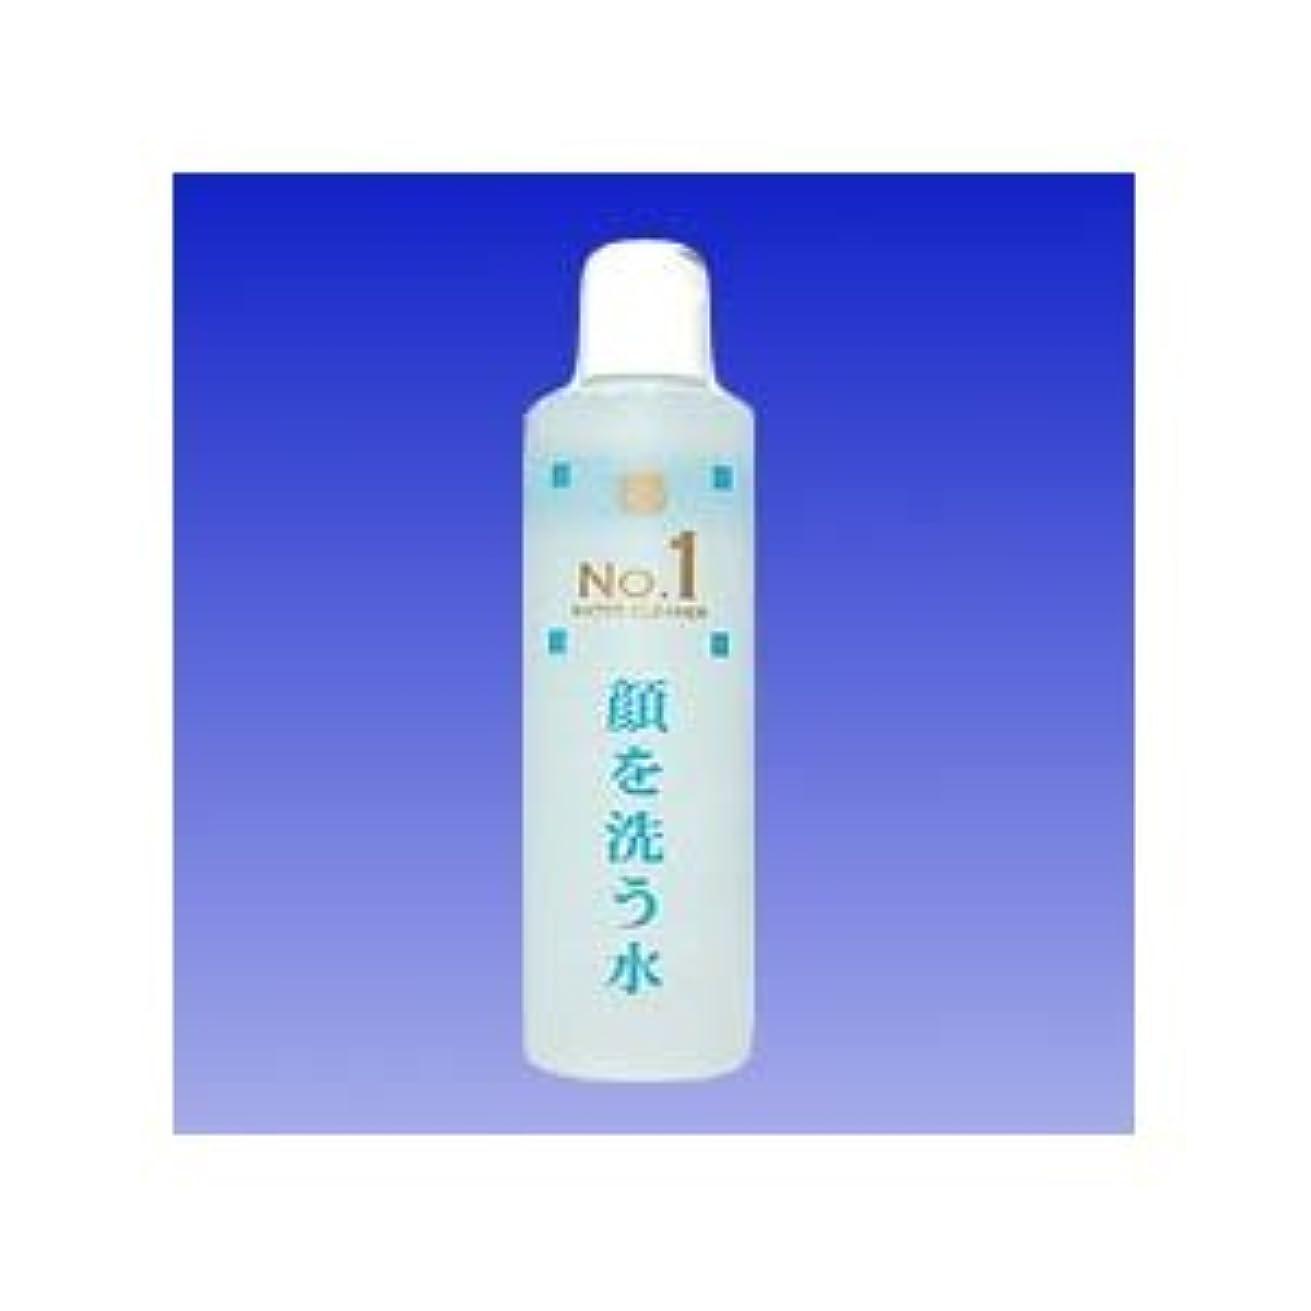 ぴかぴか特別に溶けた顔を洗う水 ウォータークリーナーNo1 250ml